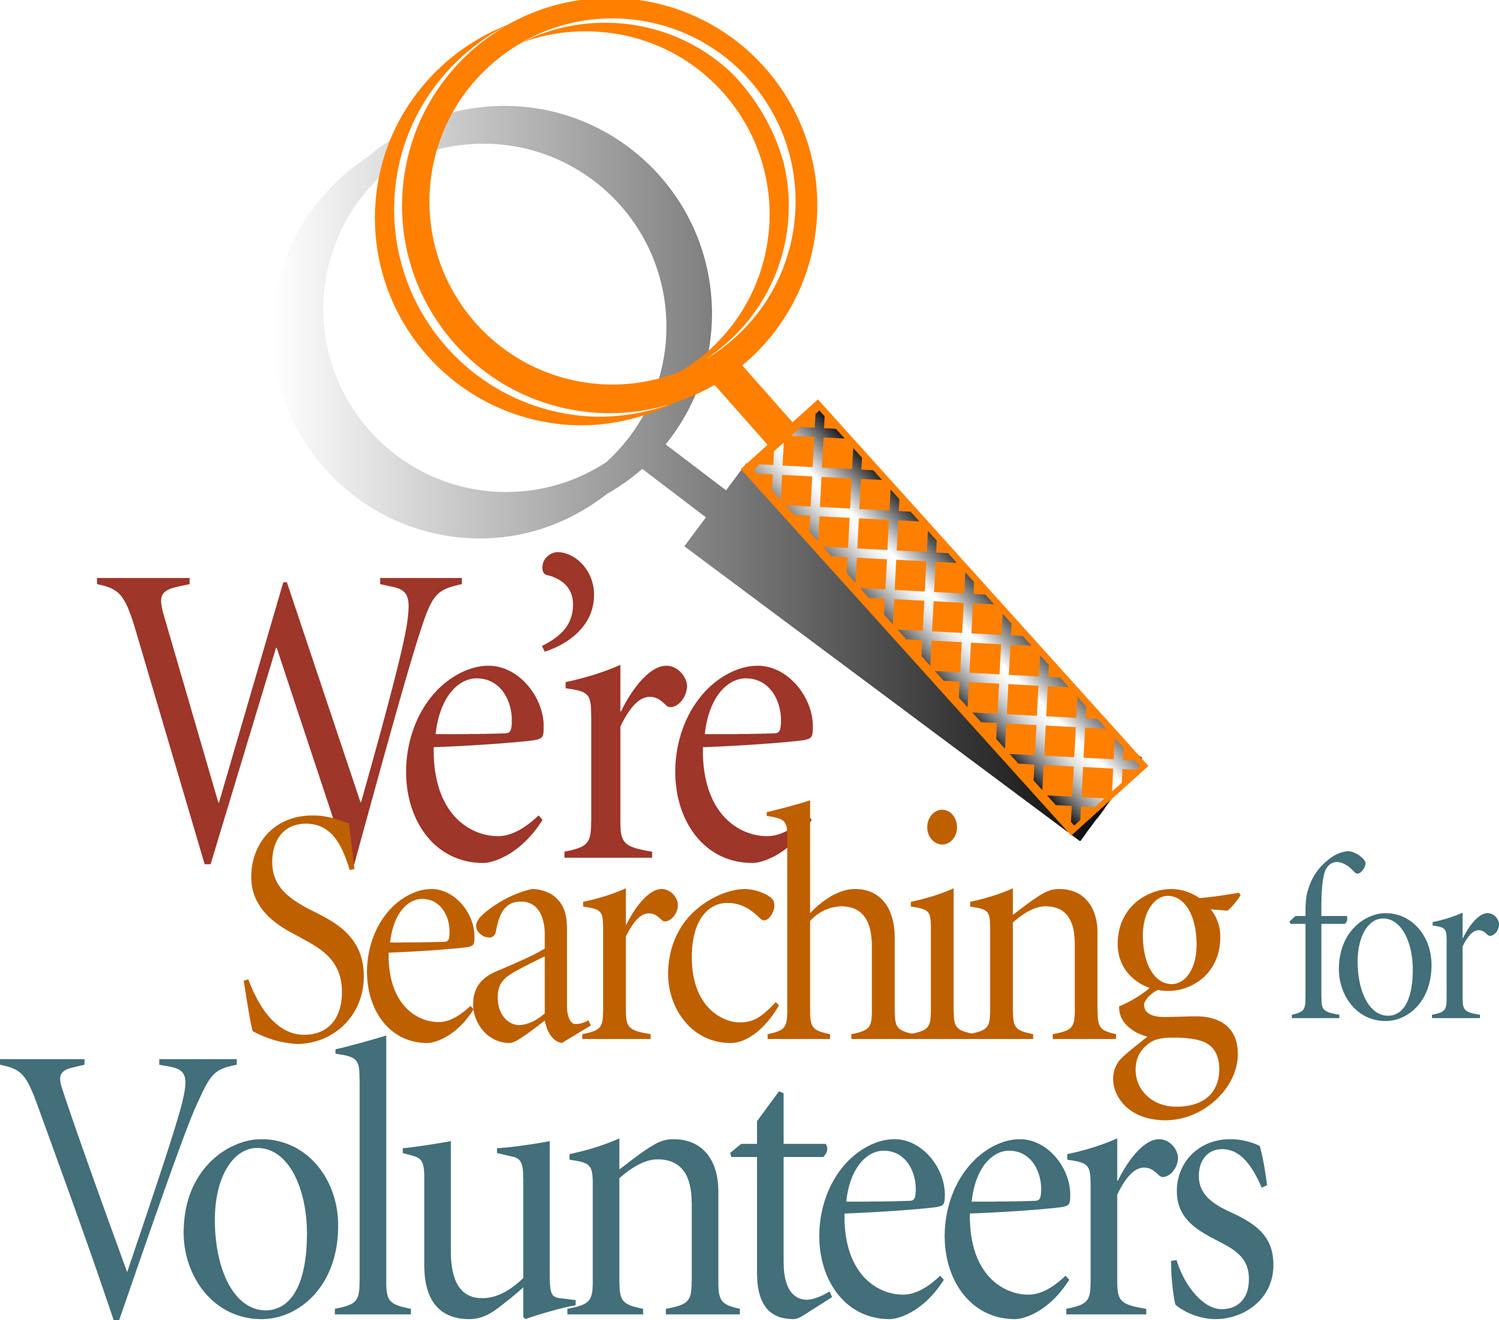 volunteers-search.jpg